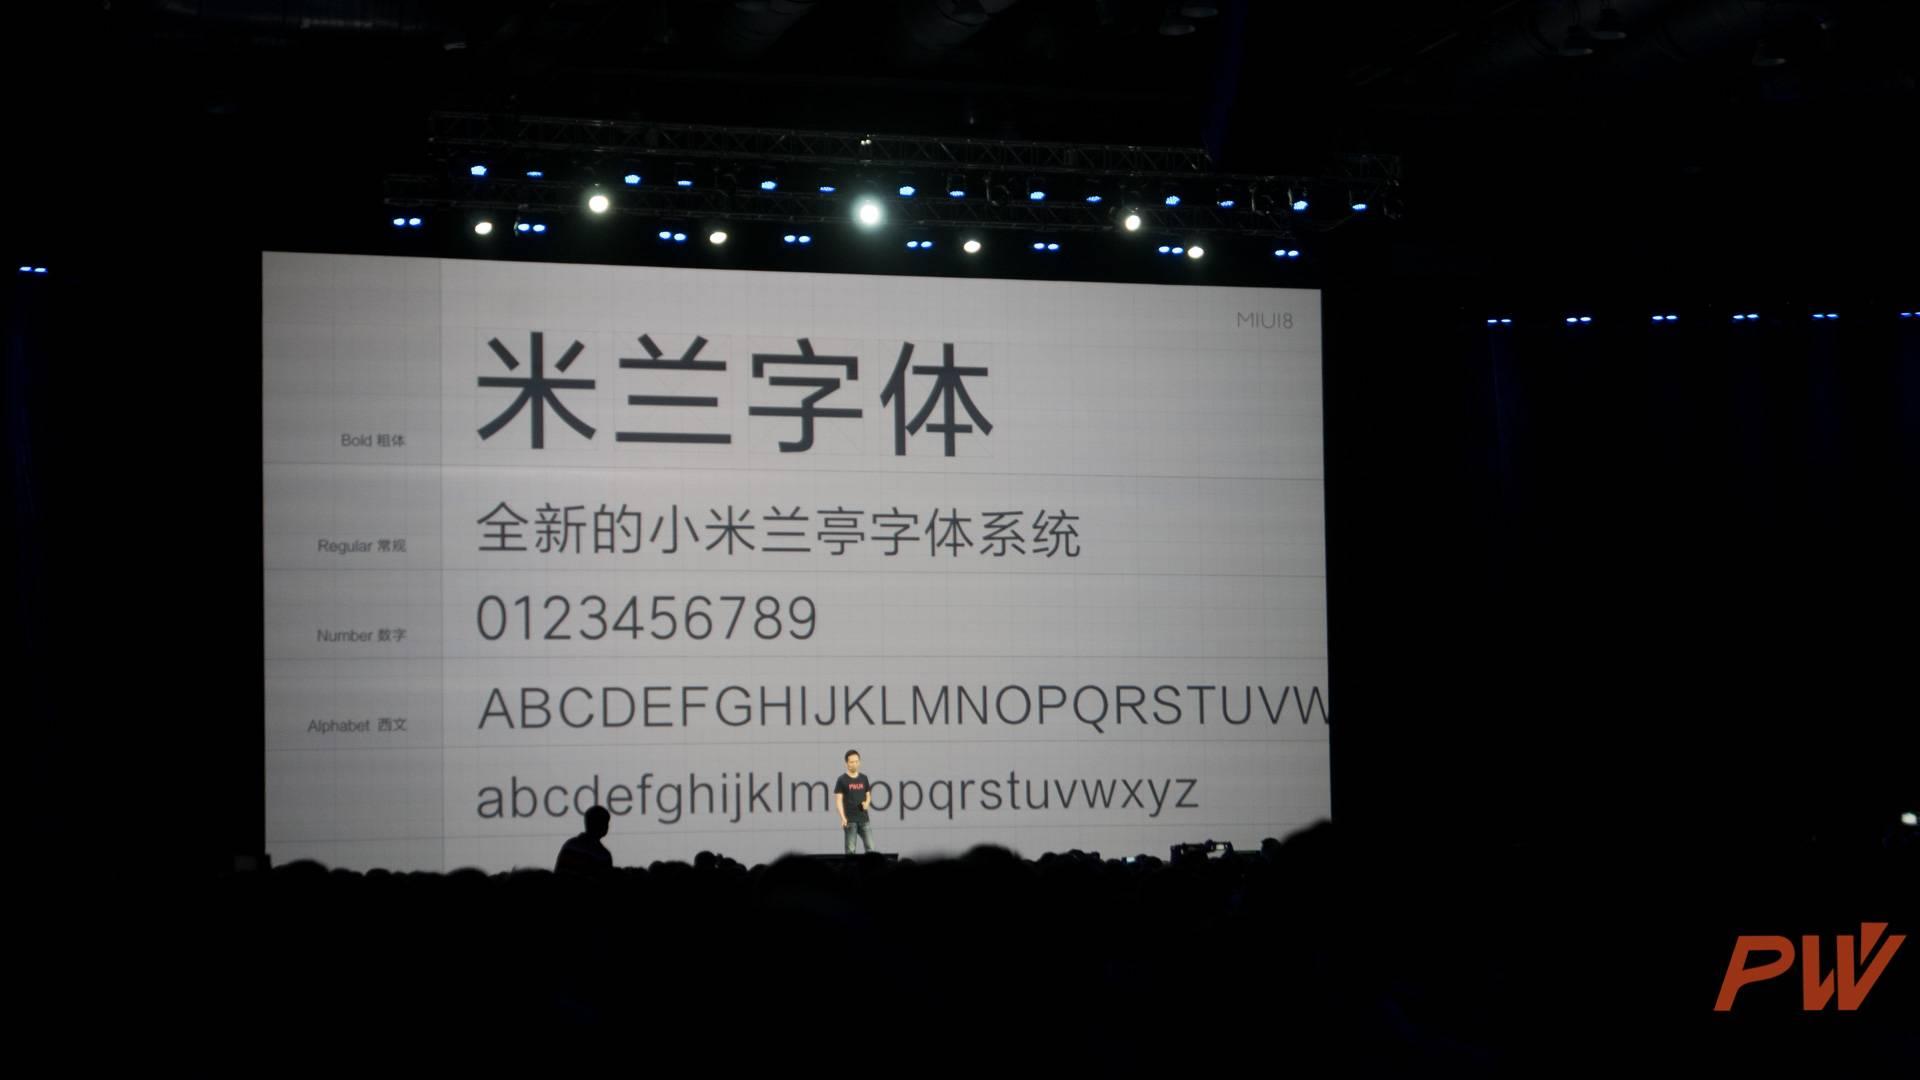 MIUI 8 leijun Hongfeng xiaomi Max PingWest Photo By Hao Ying-3